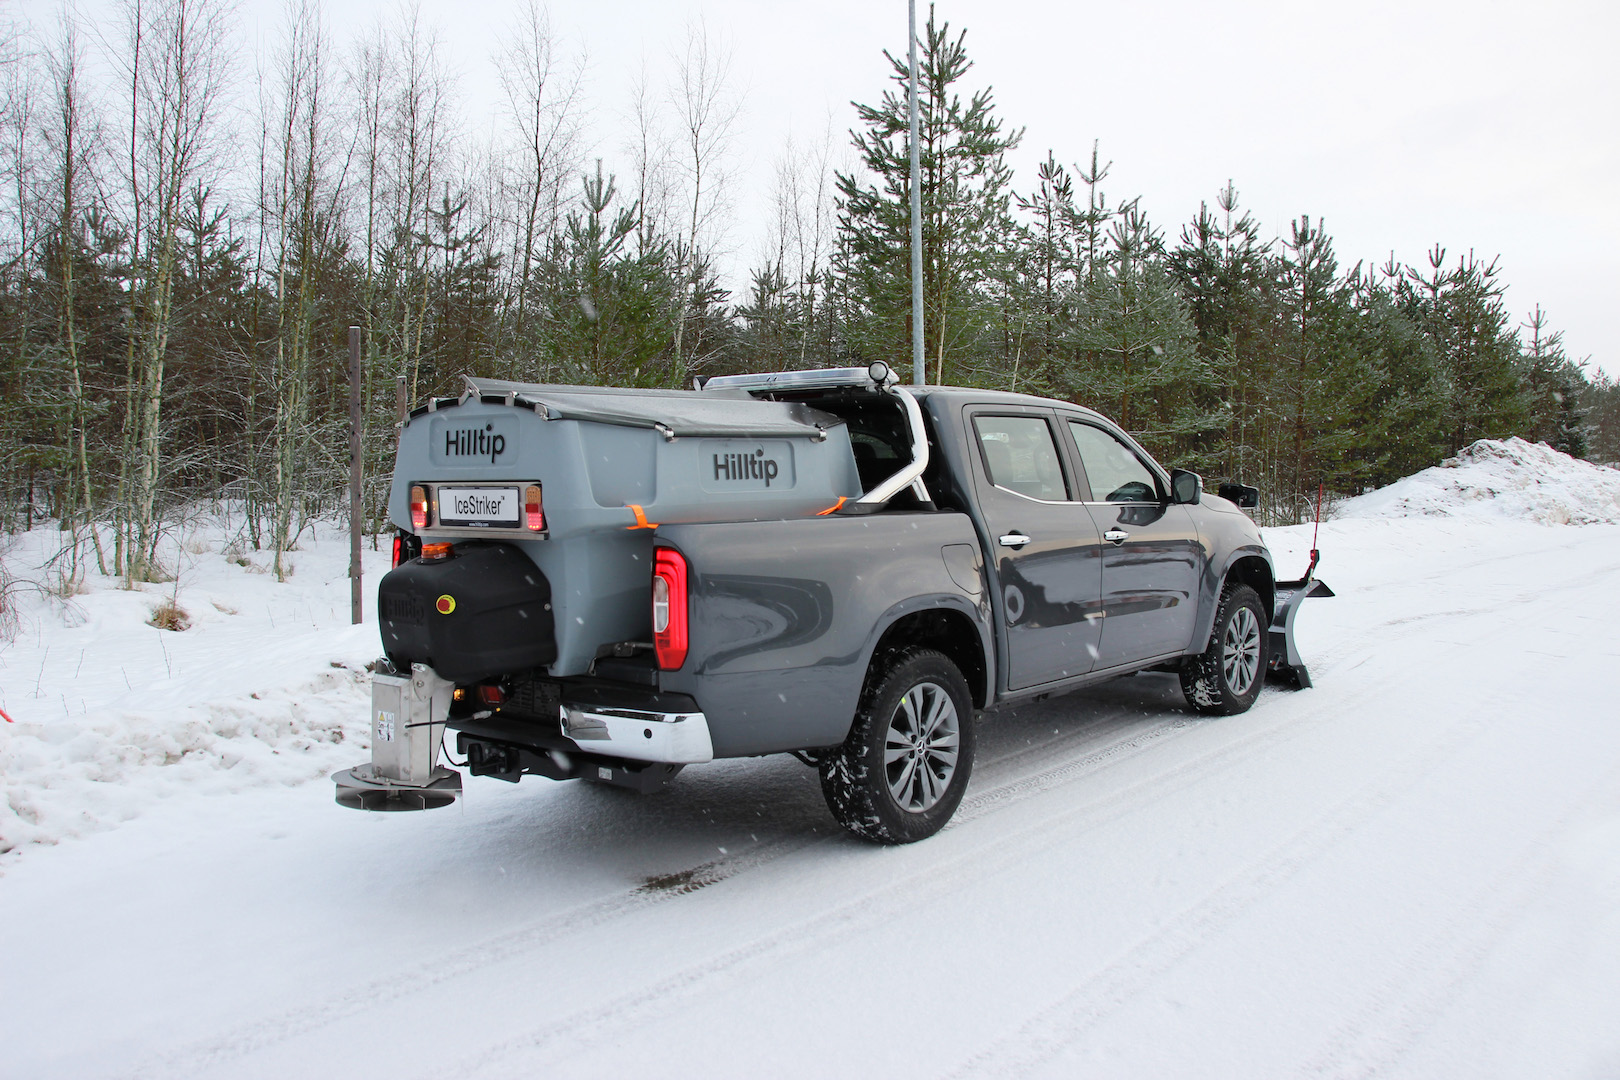 winterdienstfahrzeug-mercedes-x-klasse-Hilltip-IceStriker-Streusystem-1